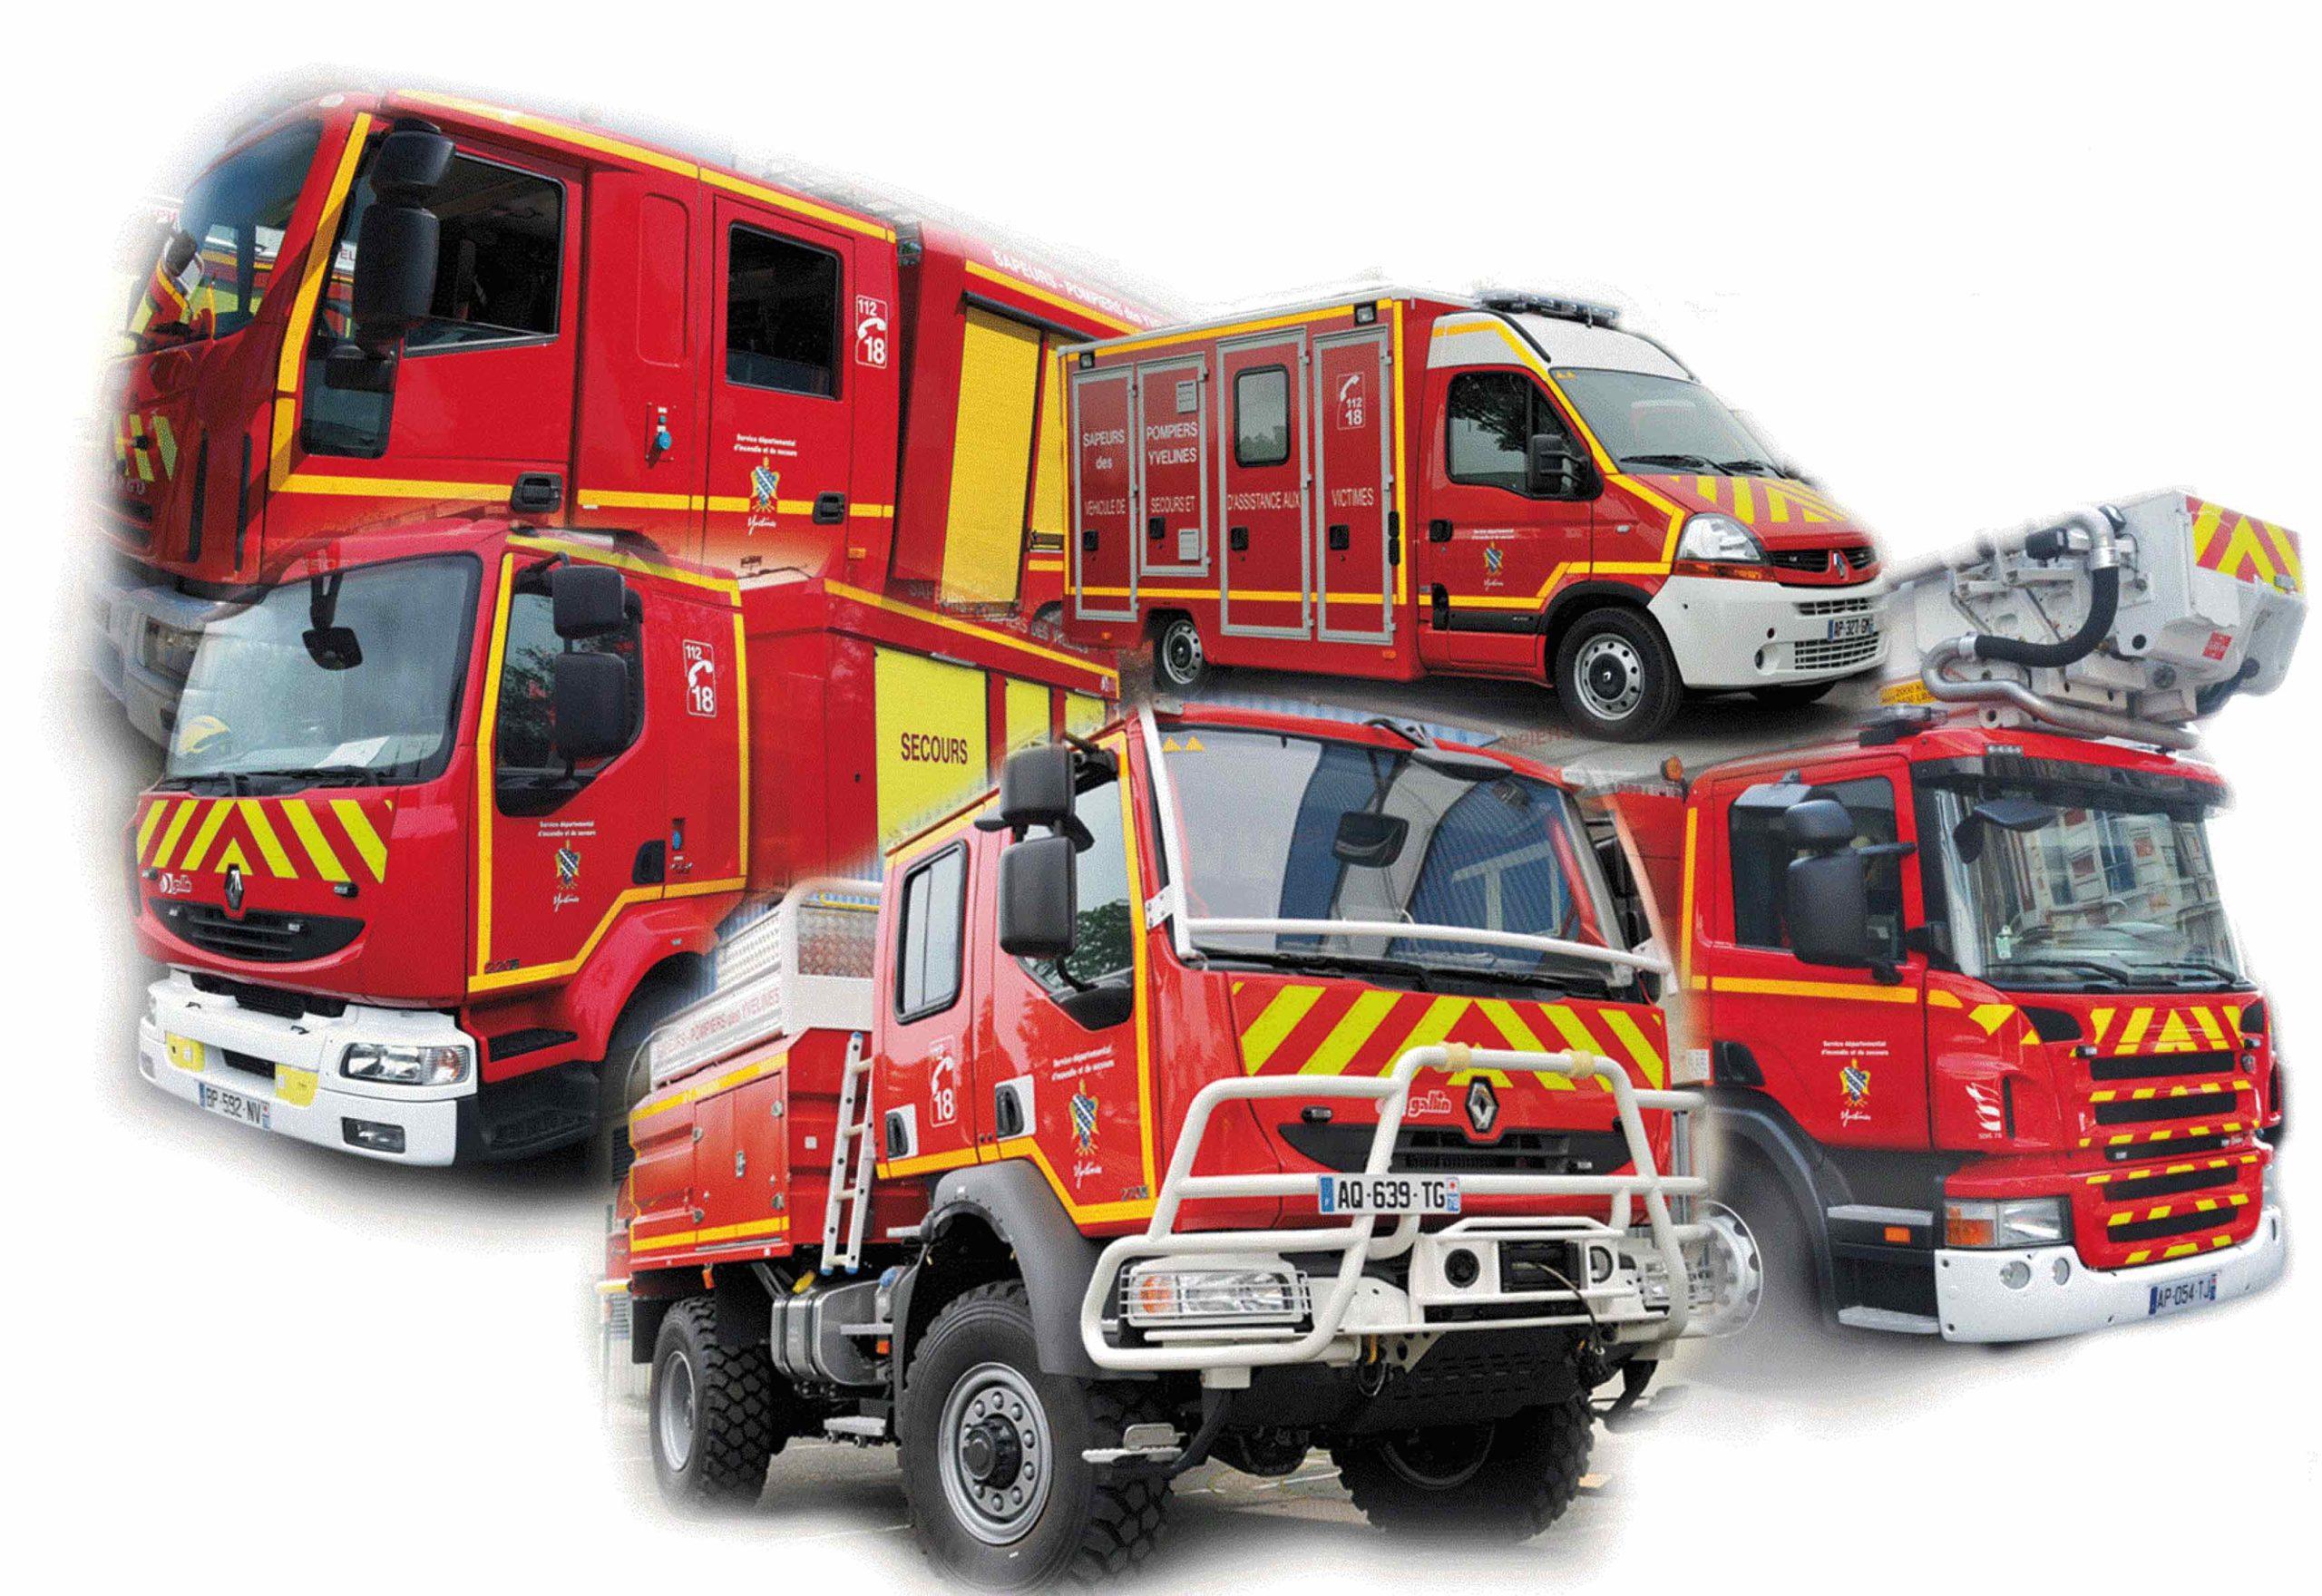 Manœuvres d'entraînement des pompiers vendredi 28/02 et dimanche 01/03